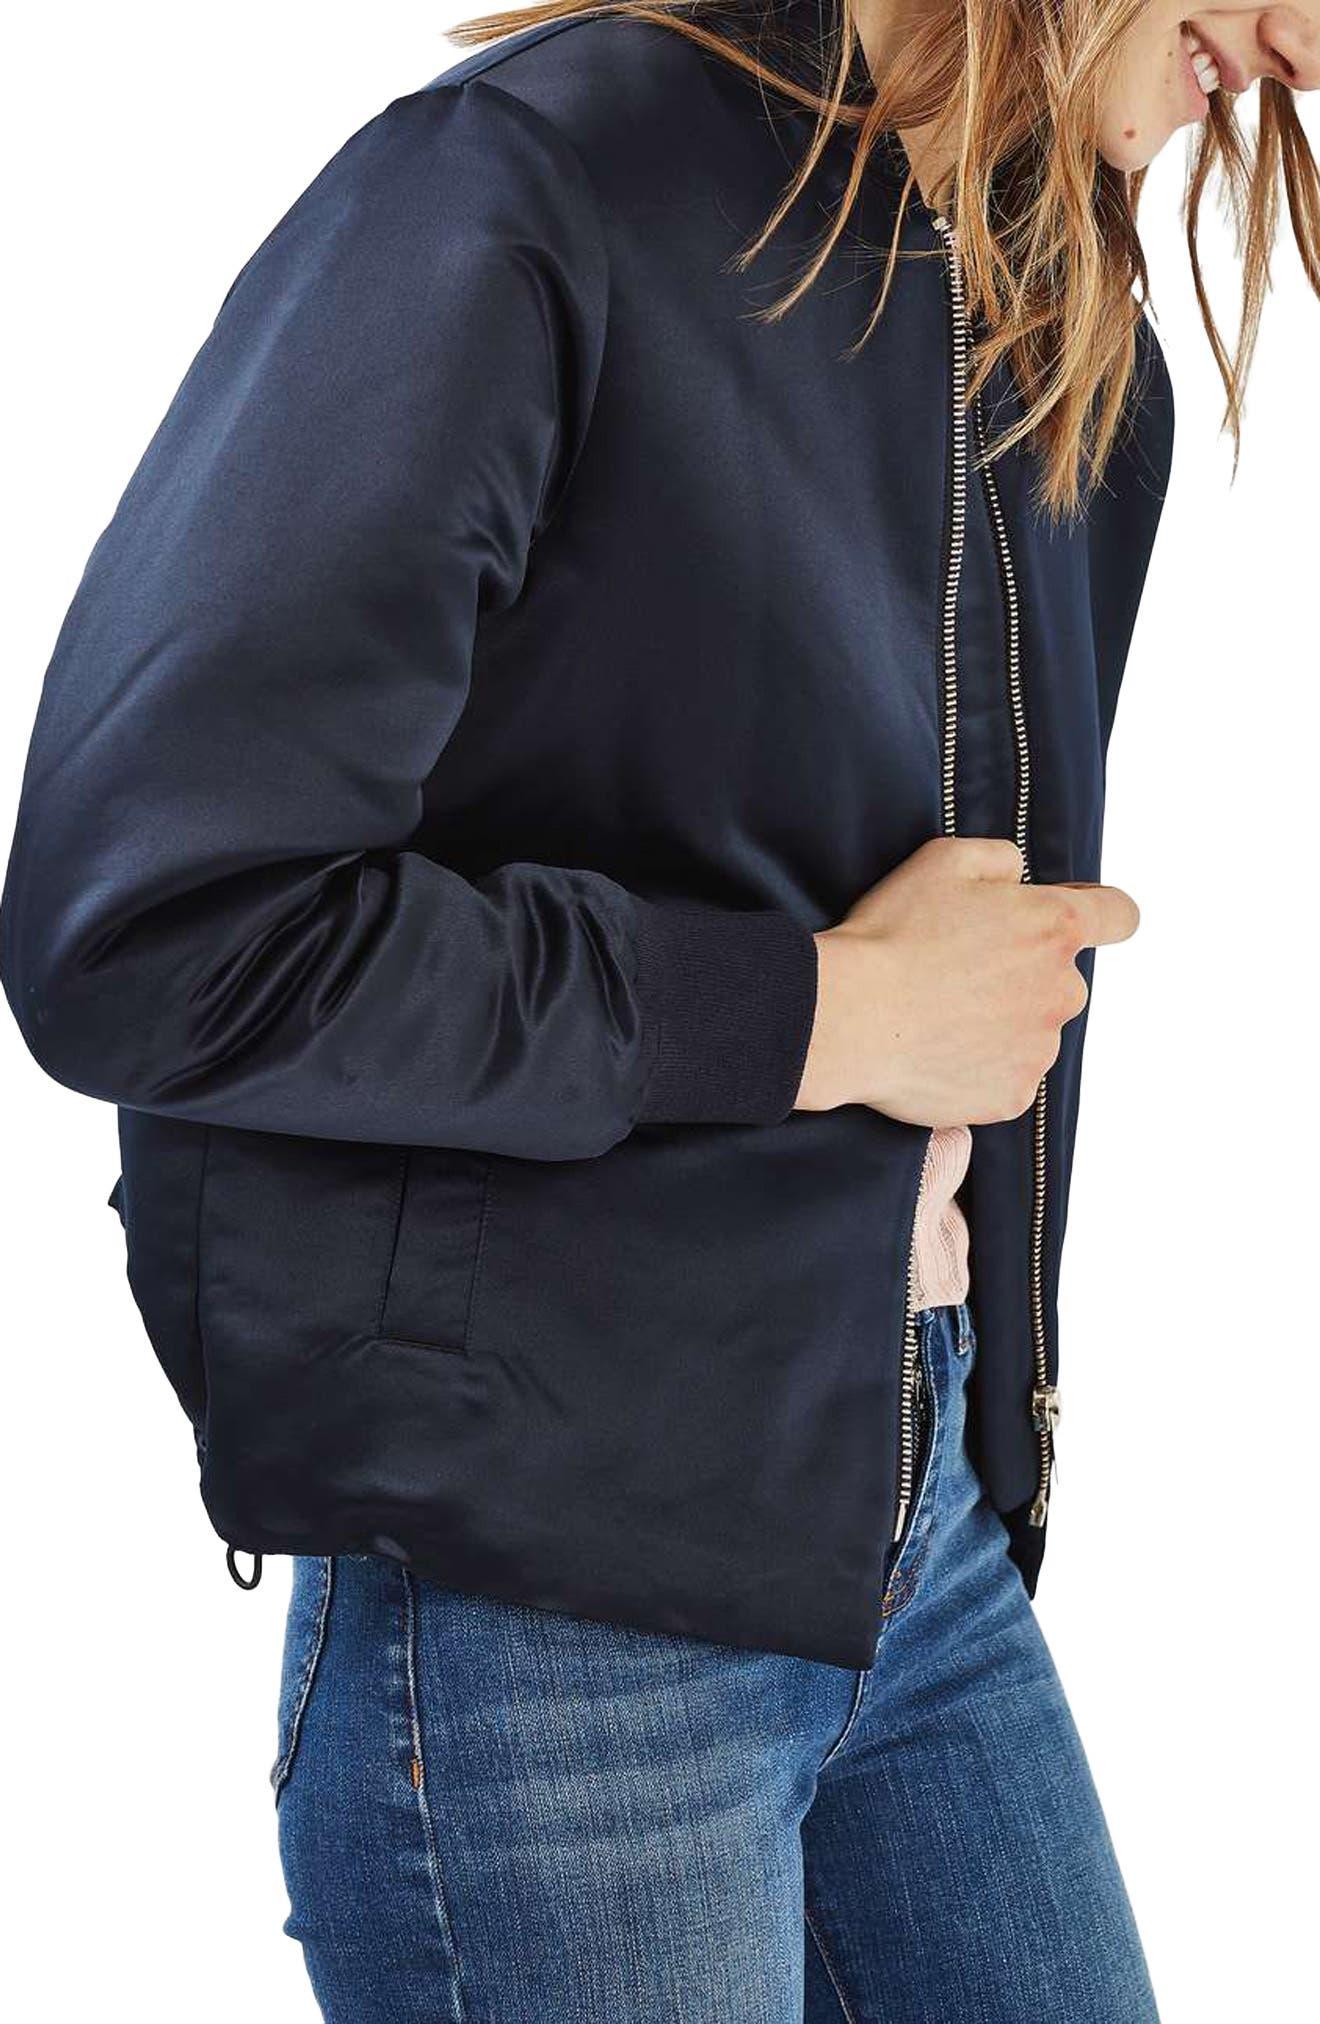 Alternate Image 1 Selected - Topshop Sven Bomber Jacket